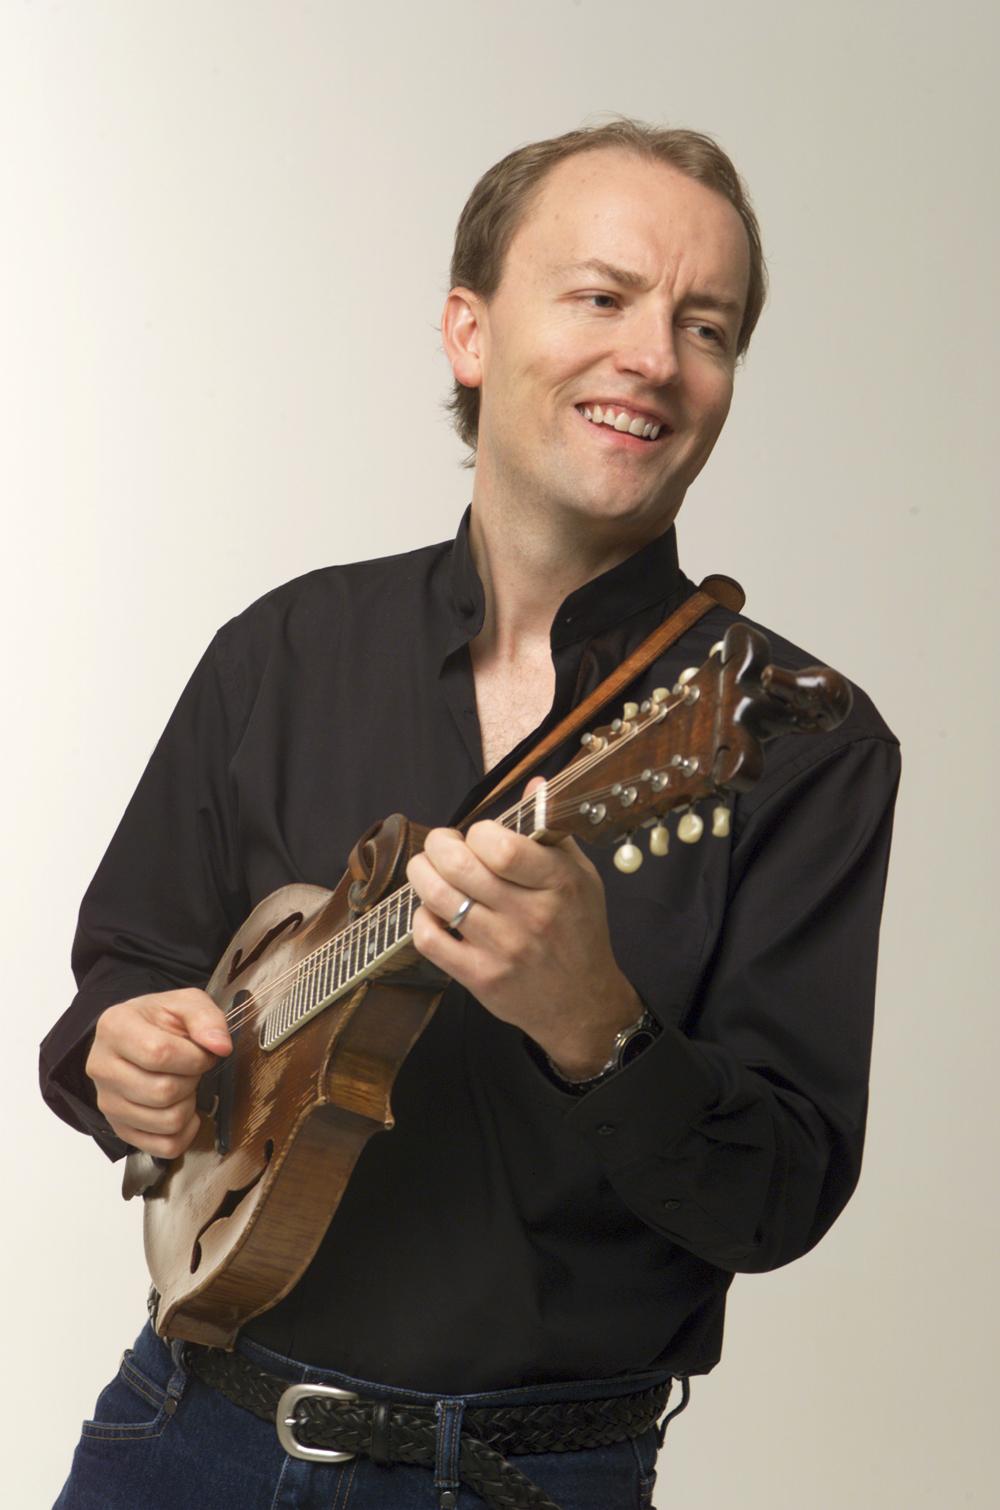 Jeff Midkiff, mandolin